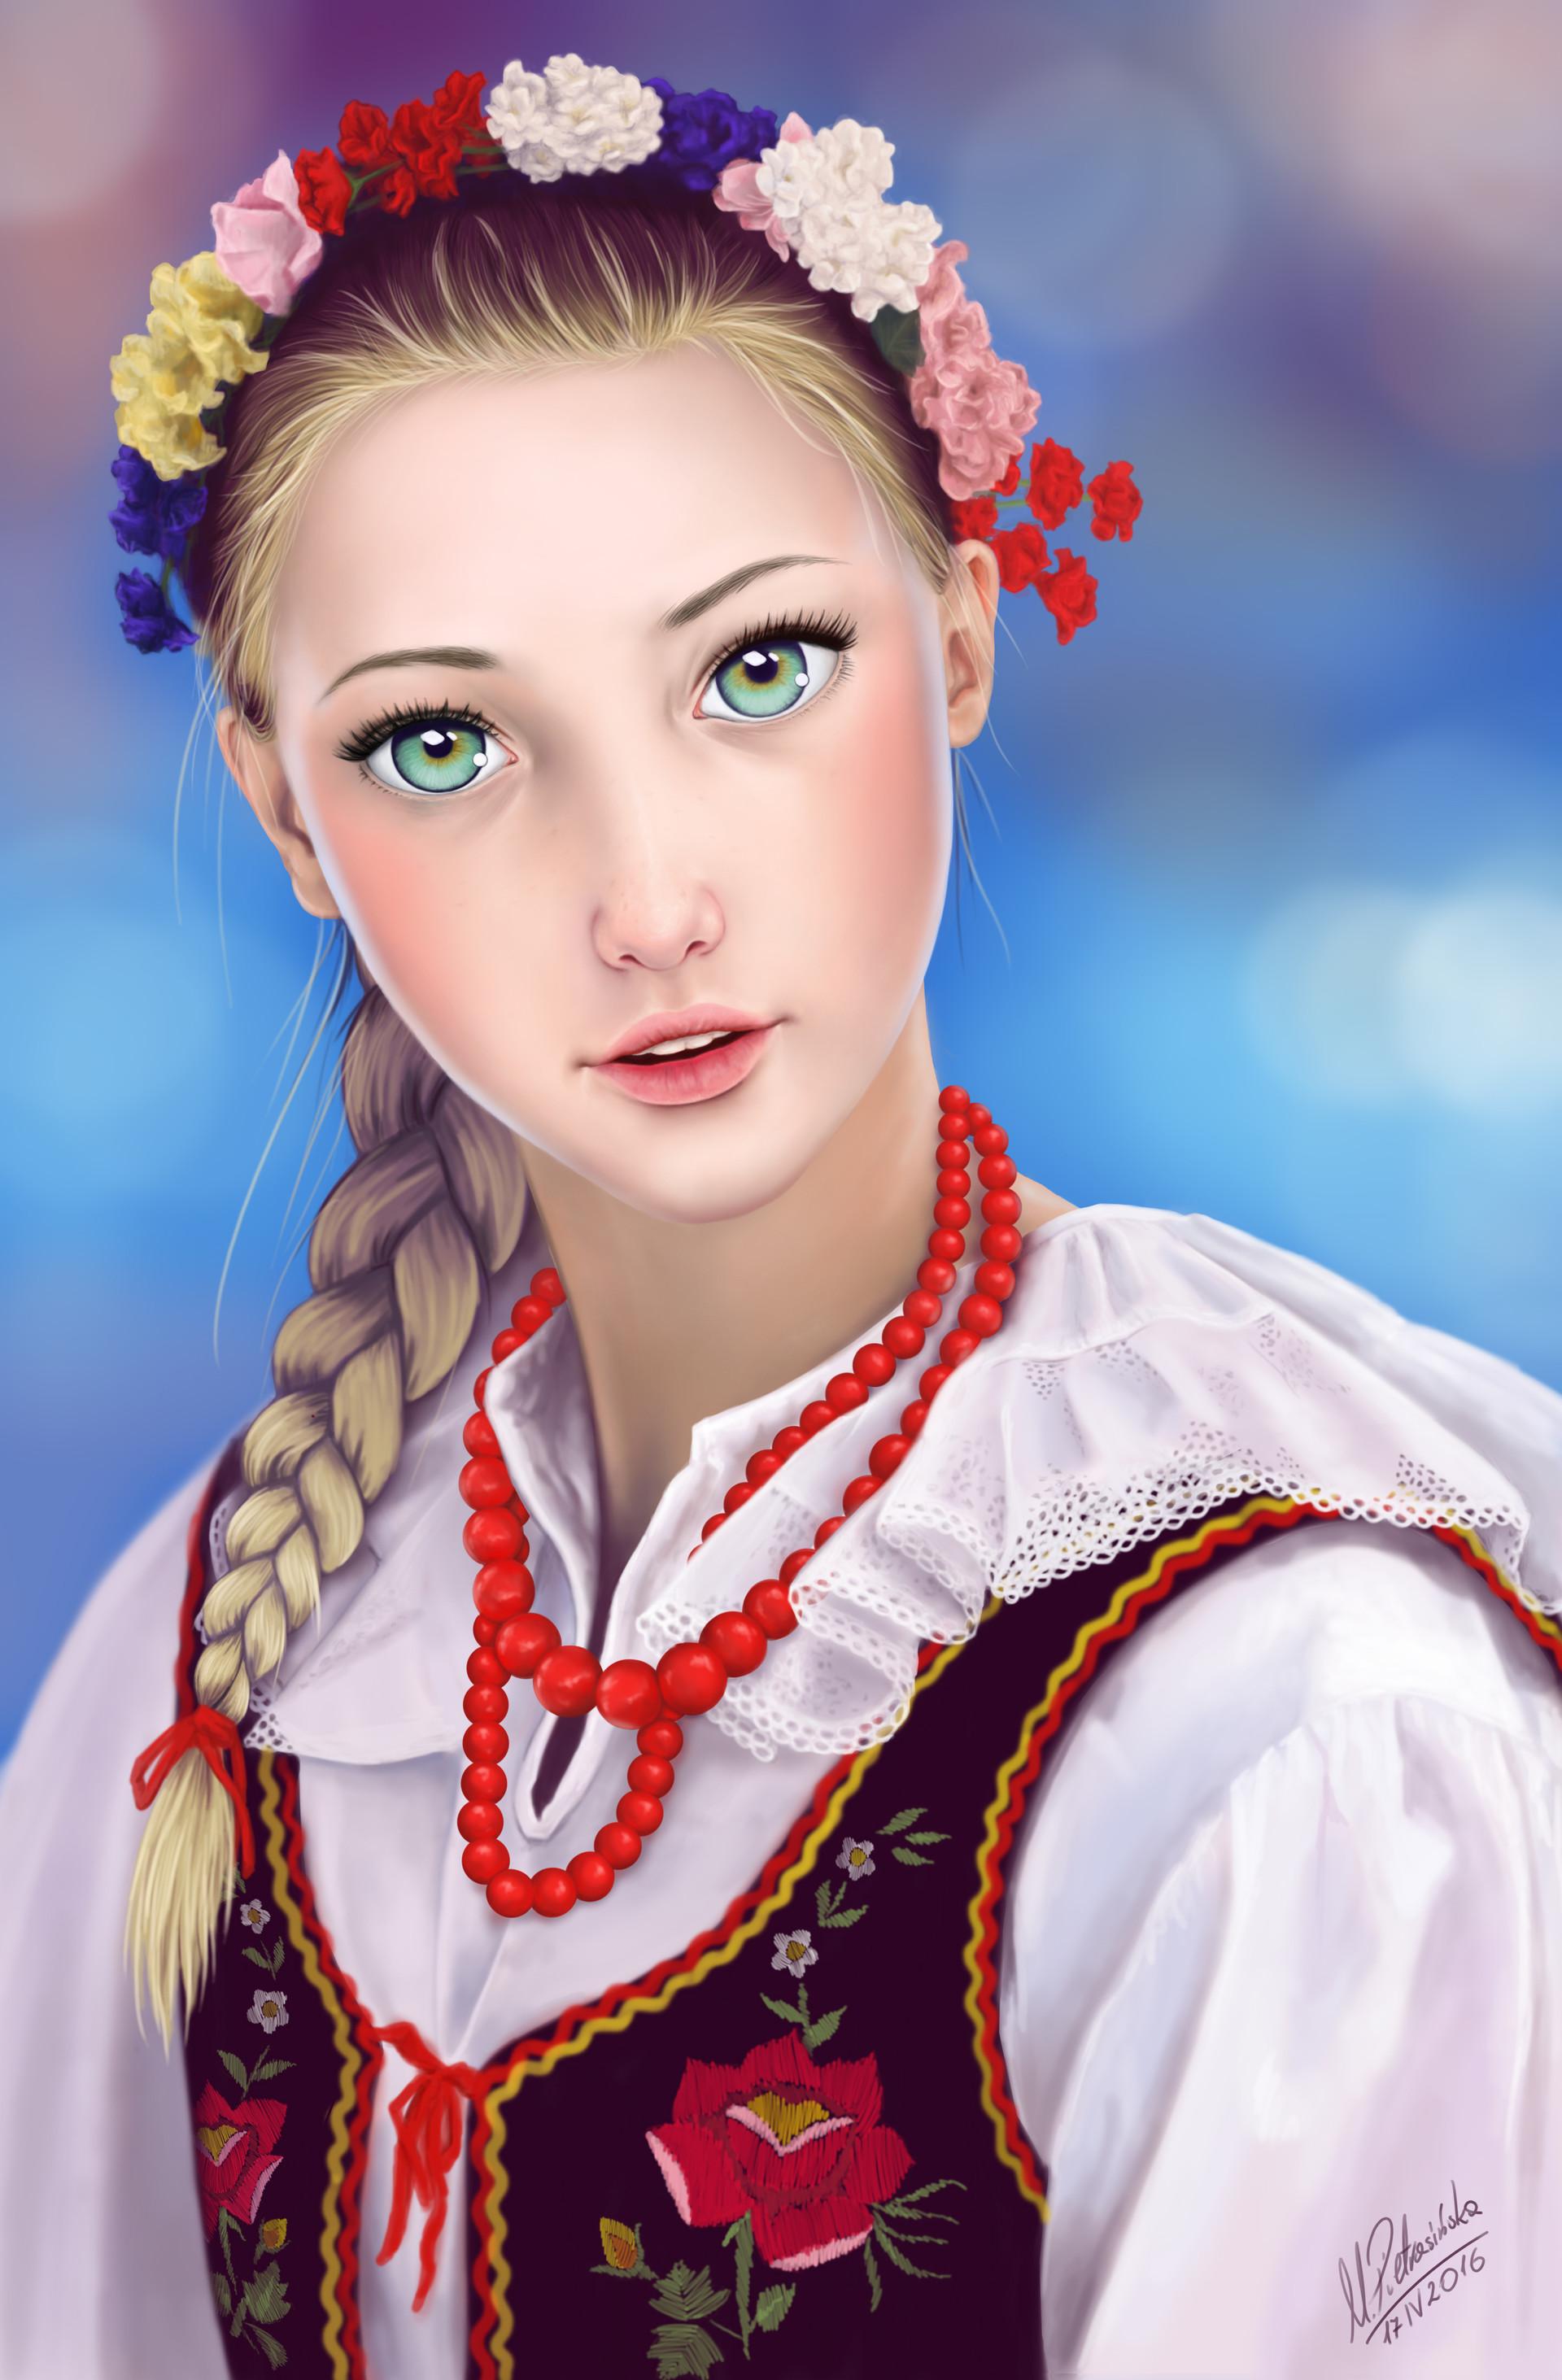 Polish for girl